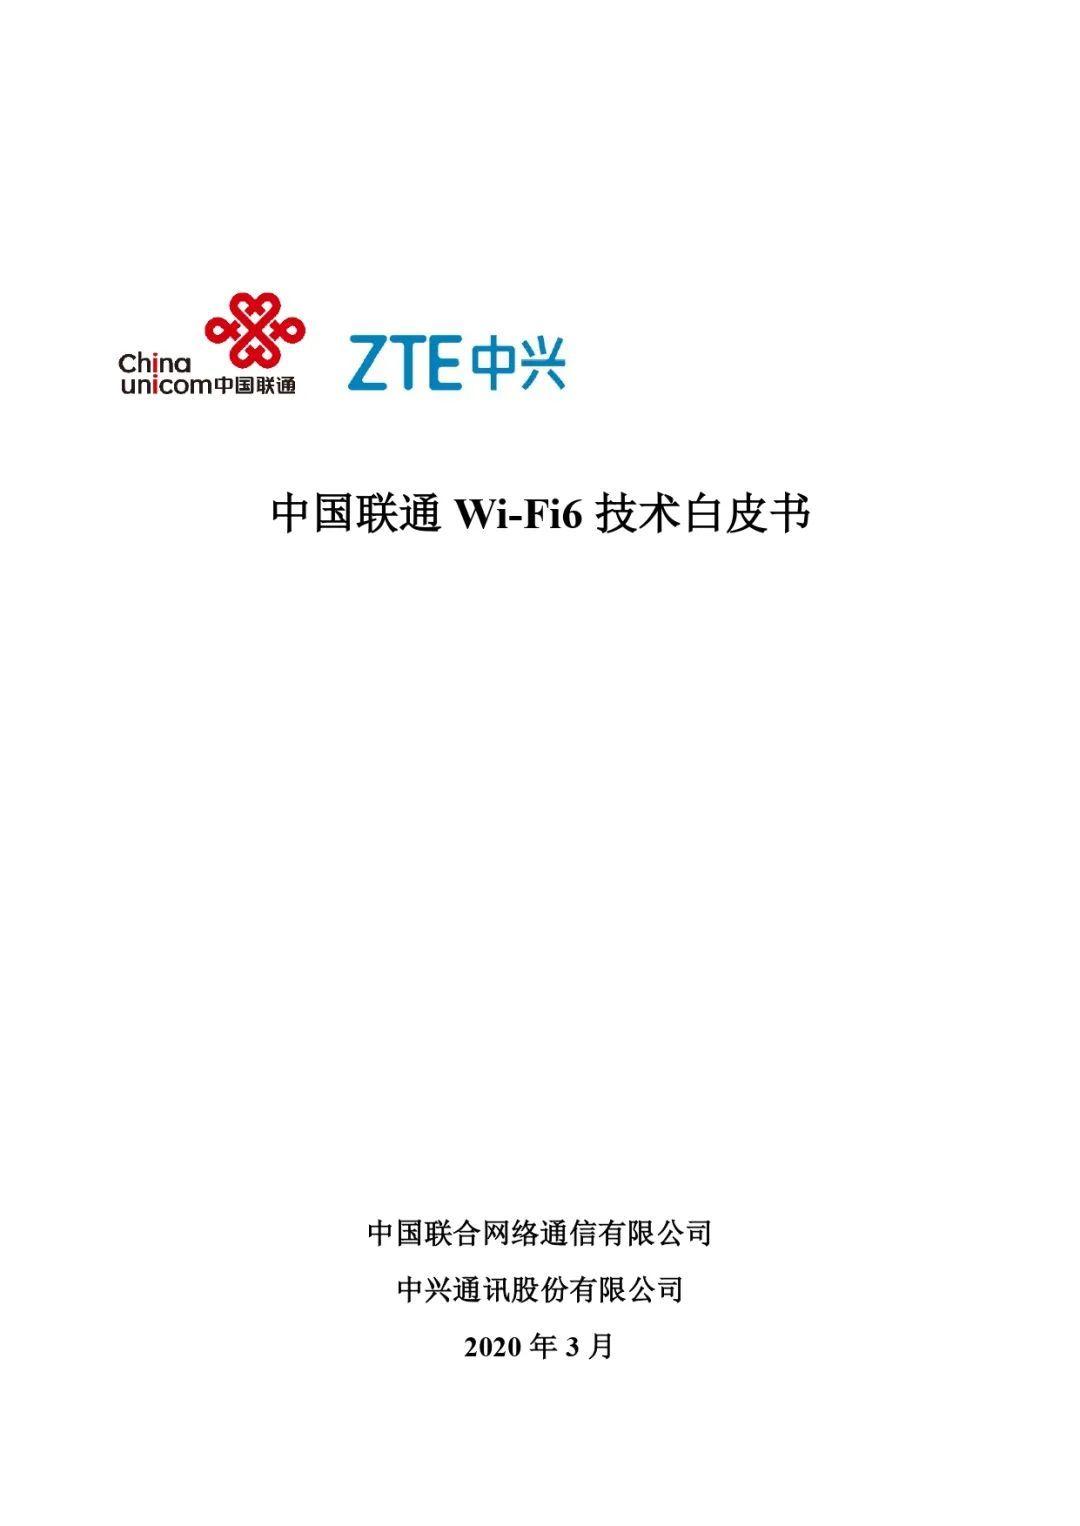 20年来最大升级!中国联通白皮书一文看懂Wi